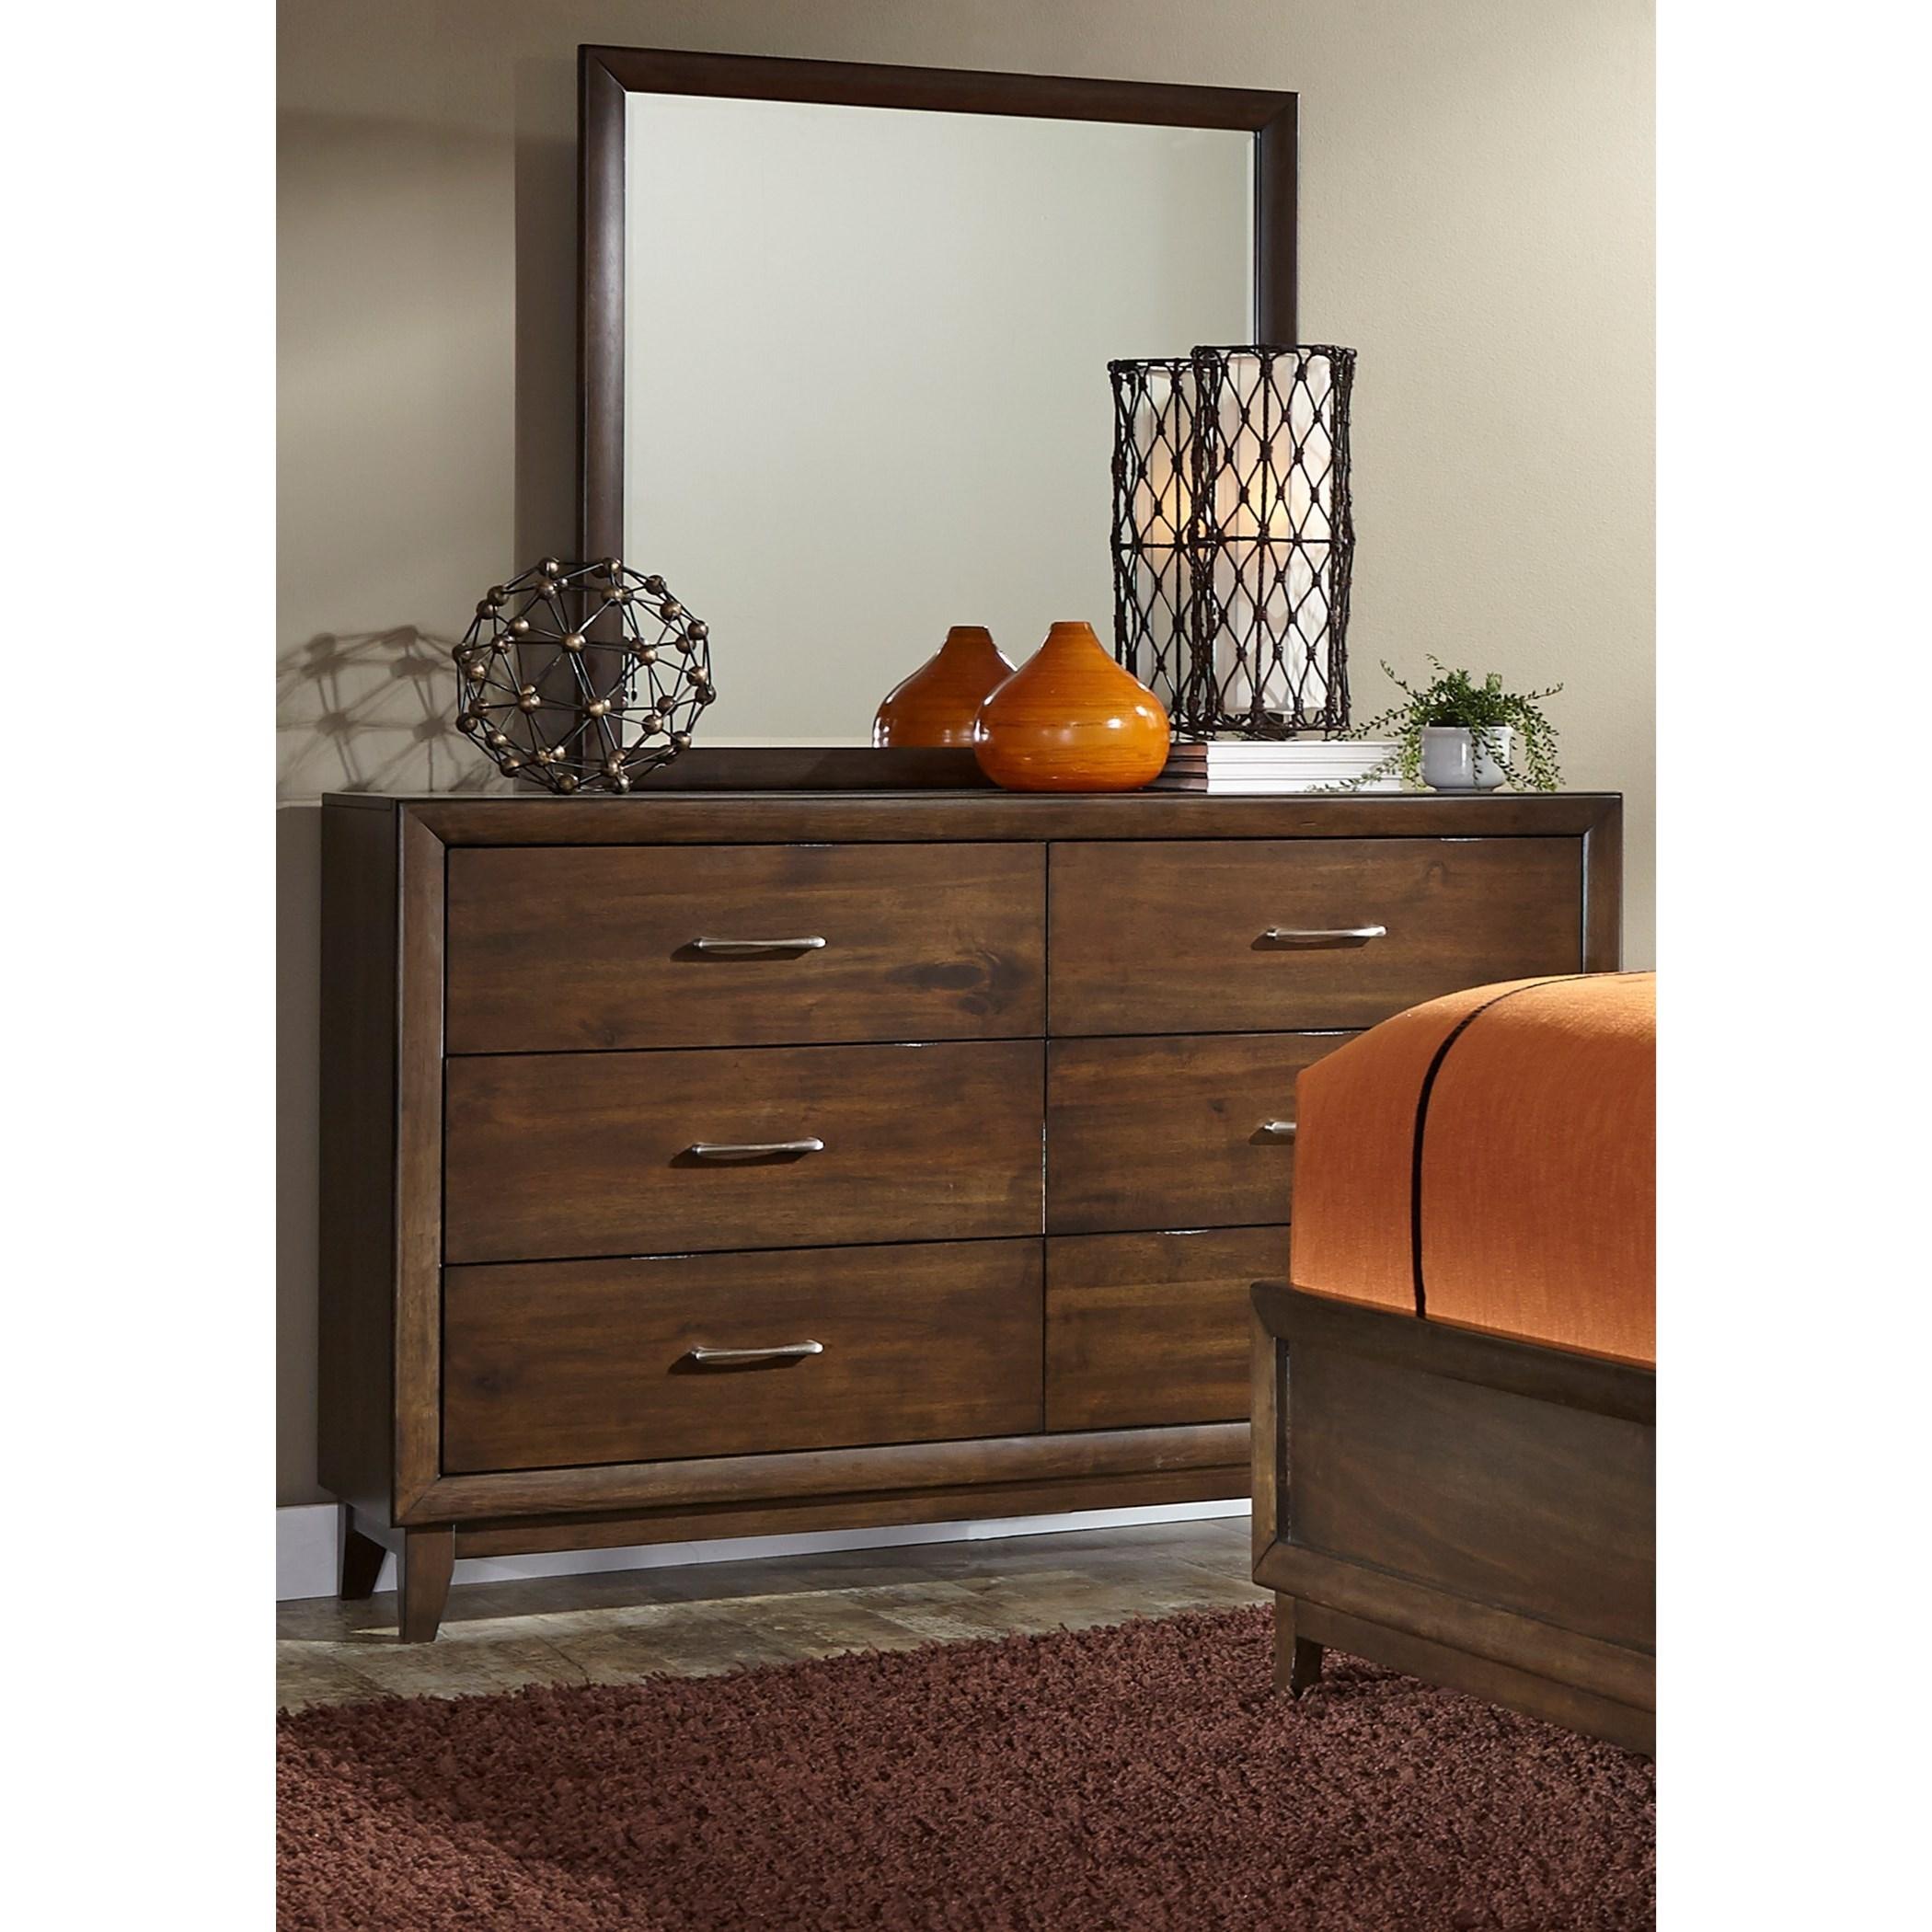 Liberty Furniture Hudson Square Bedroom 6 Drawer Dresser & Mirror  - Item Number: 365-BR-DM